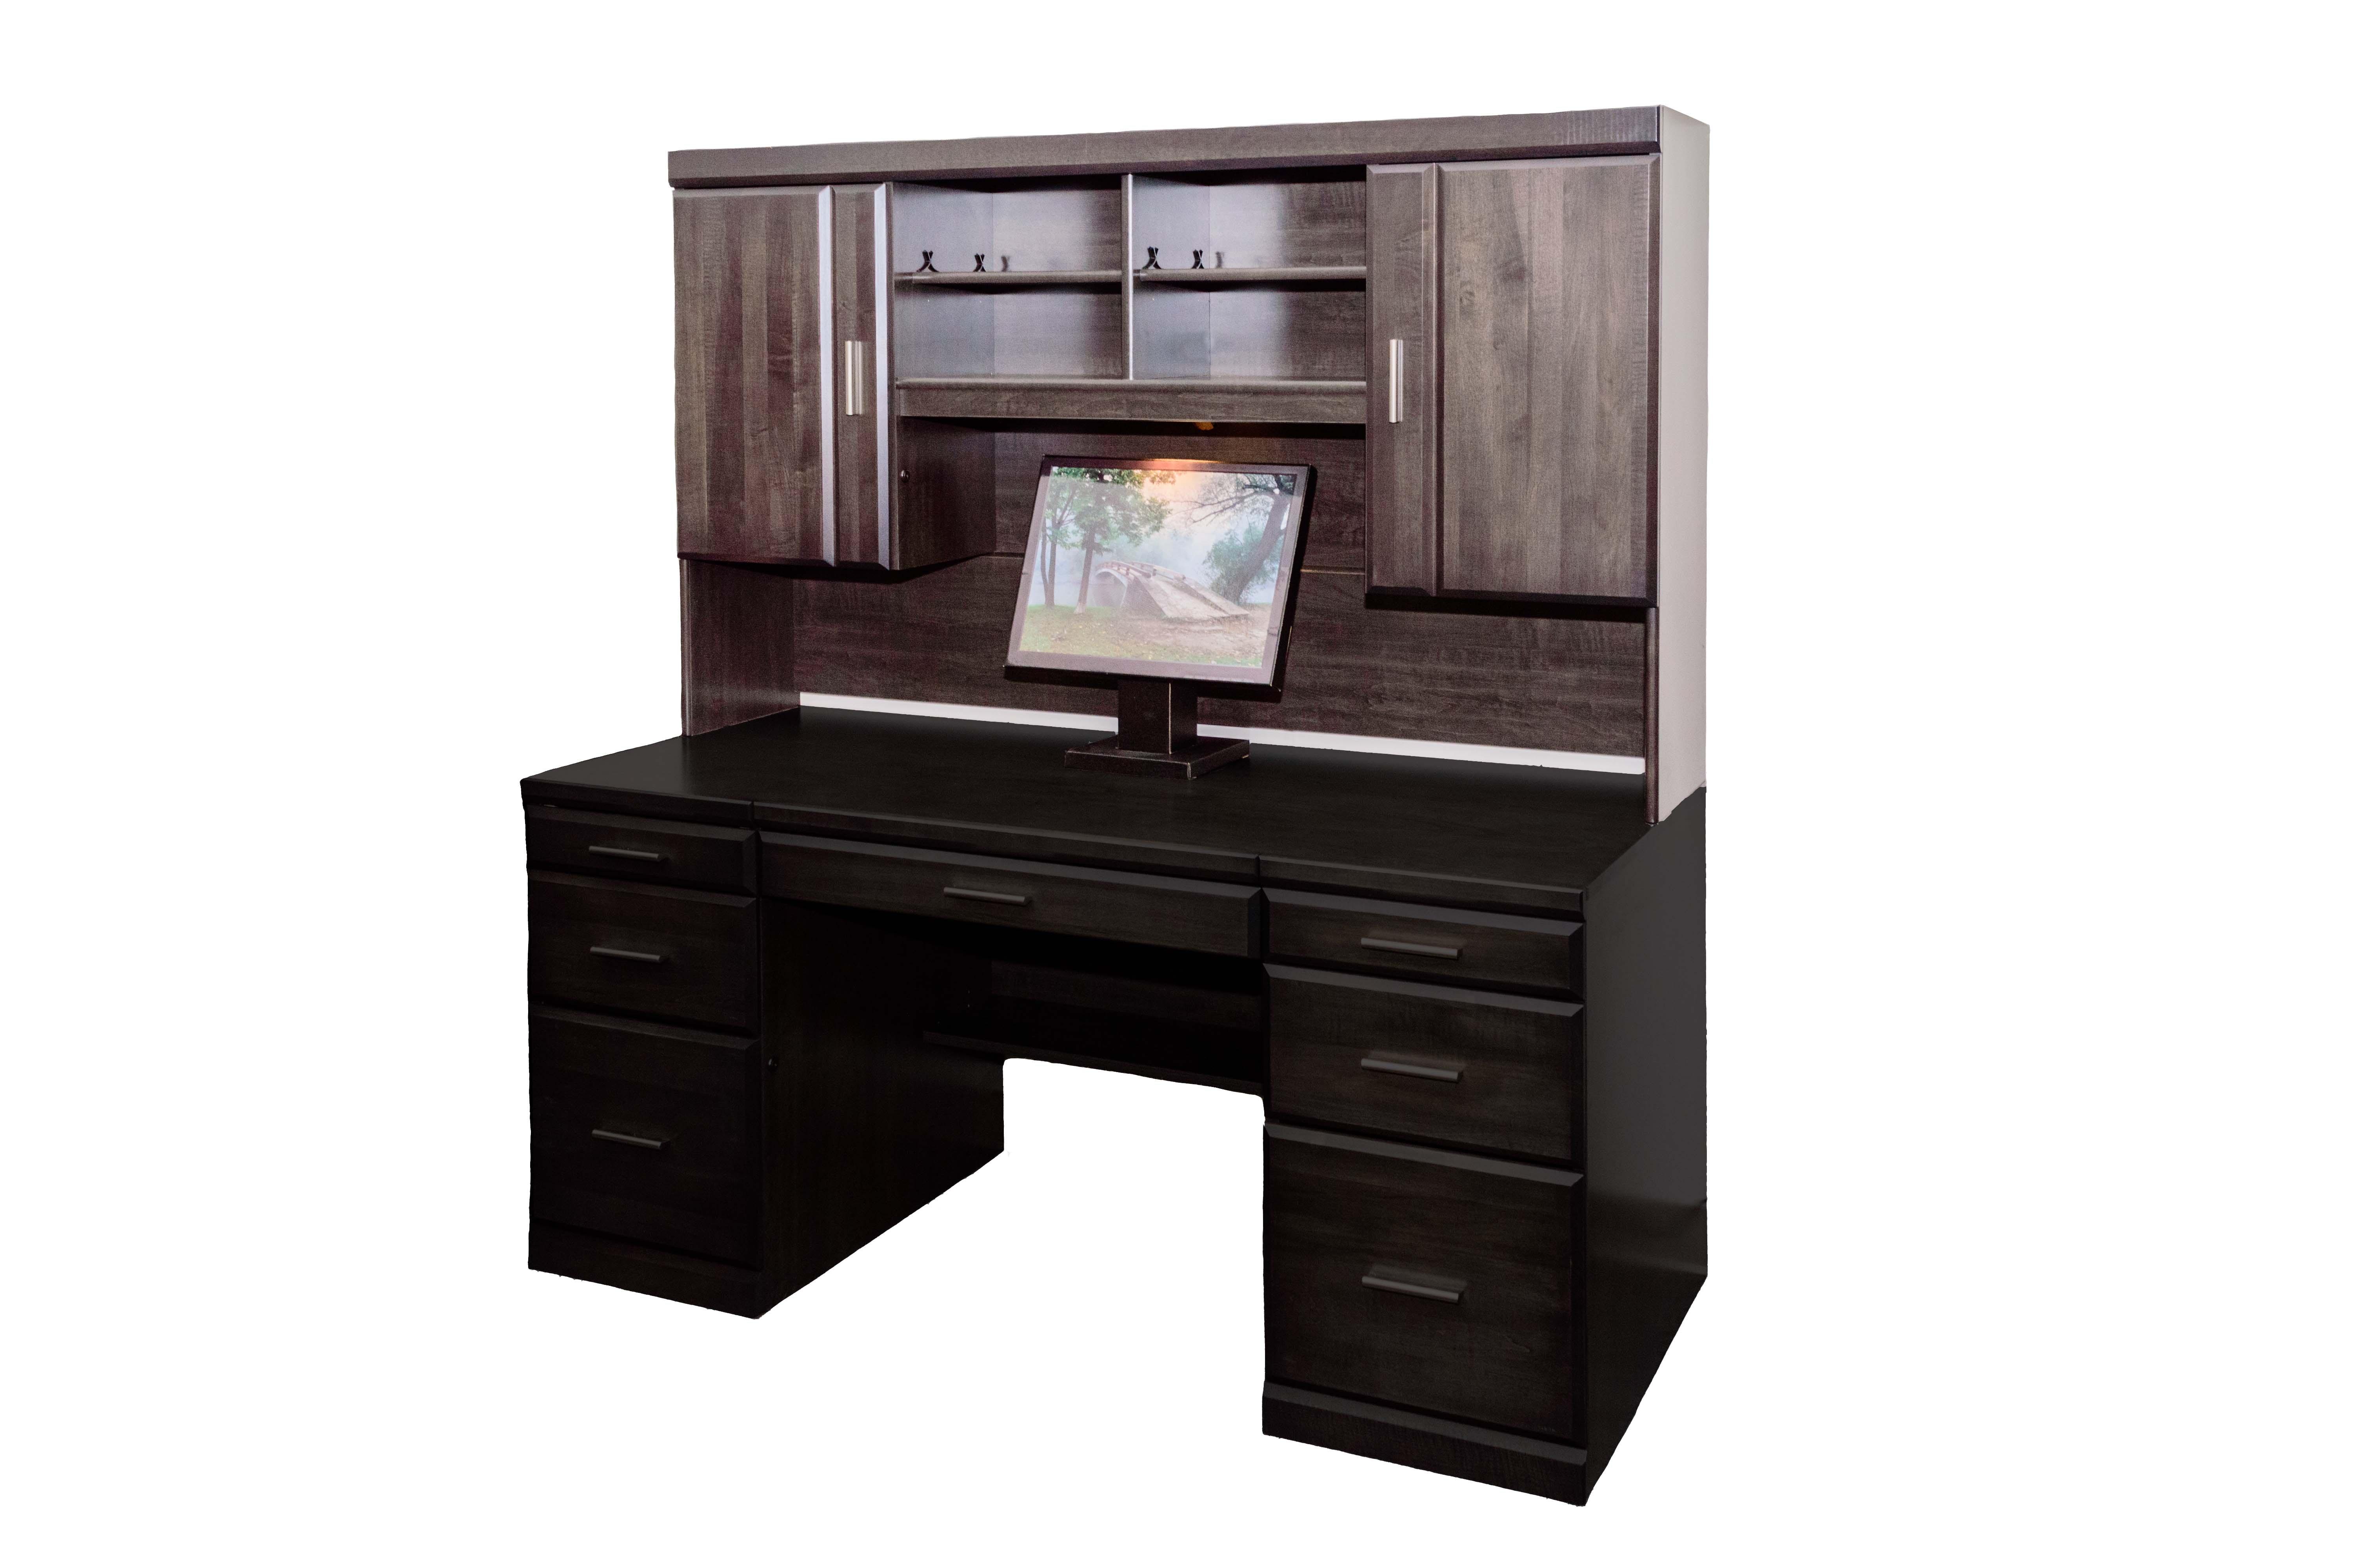 Defehr Furniture. 346 521